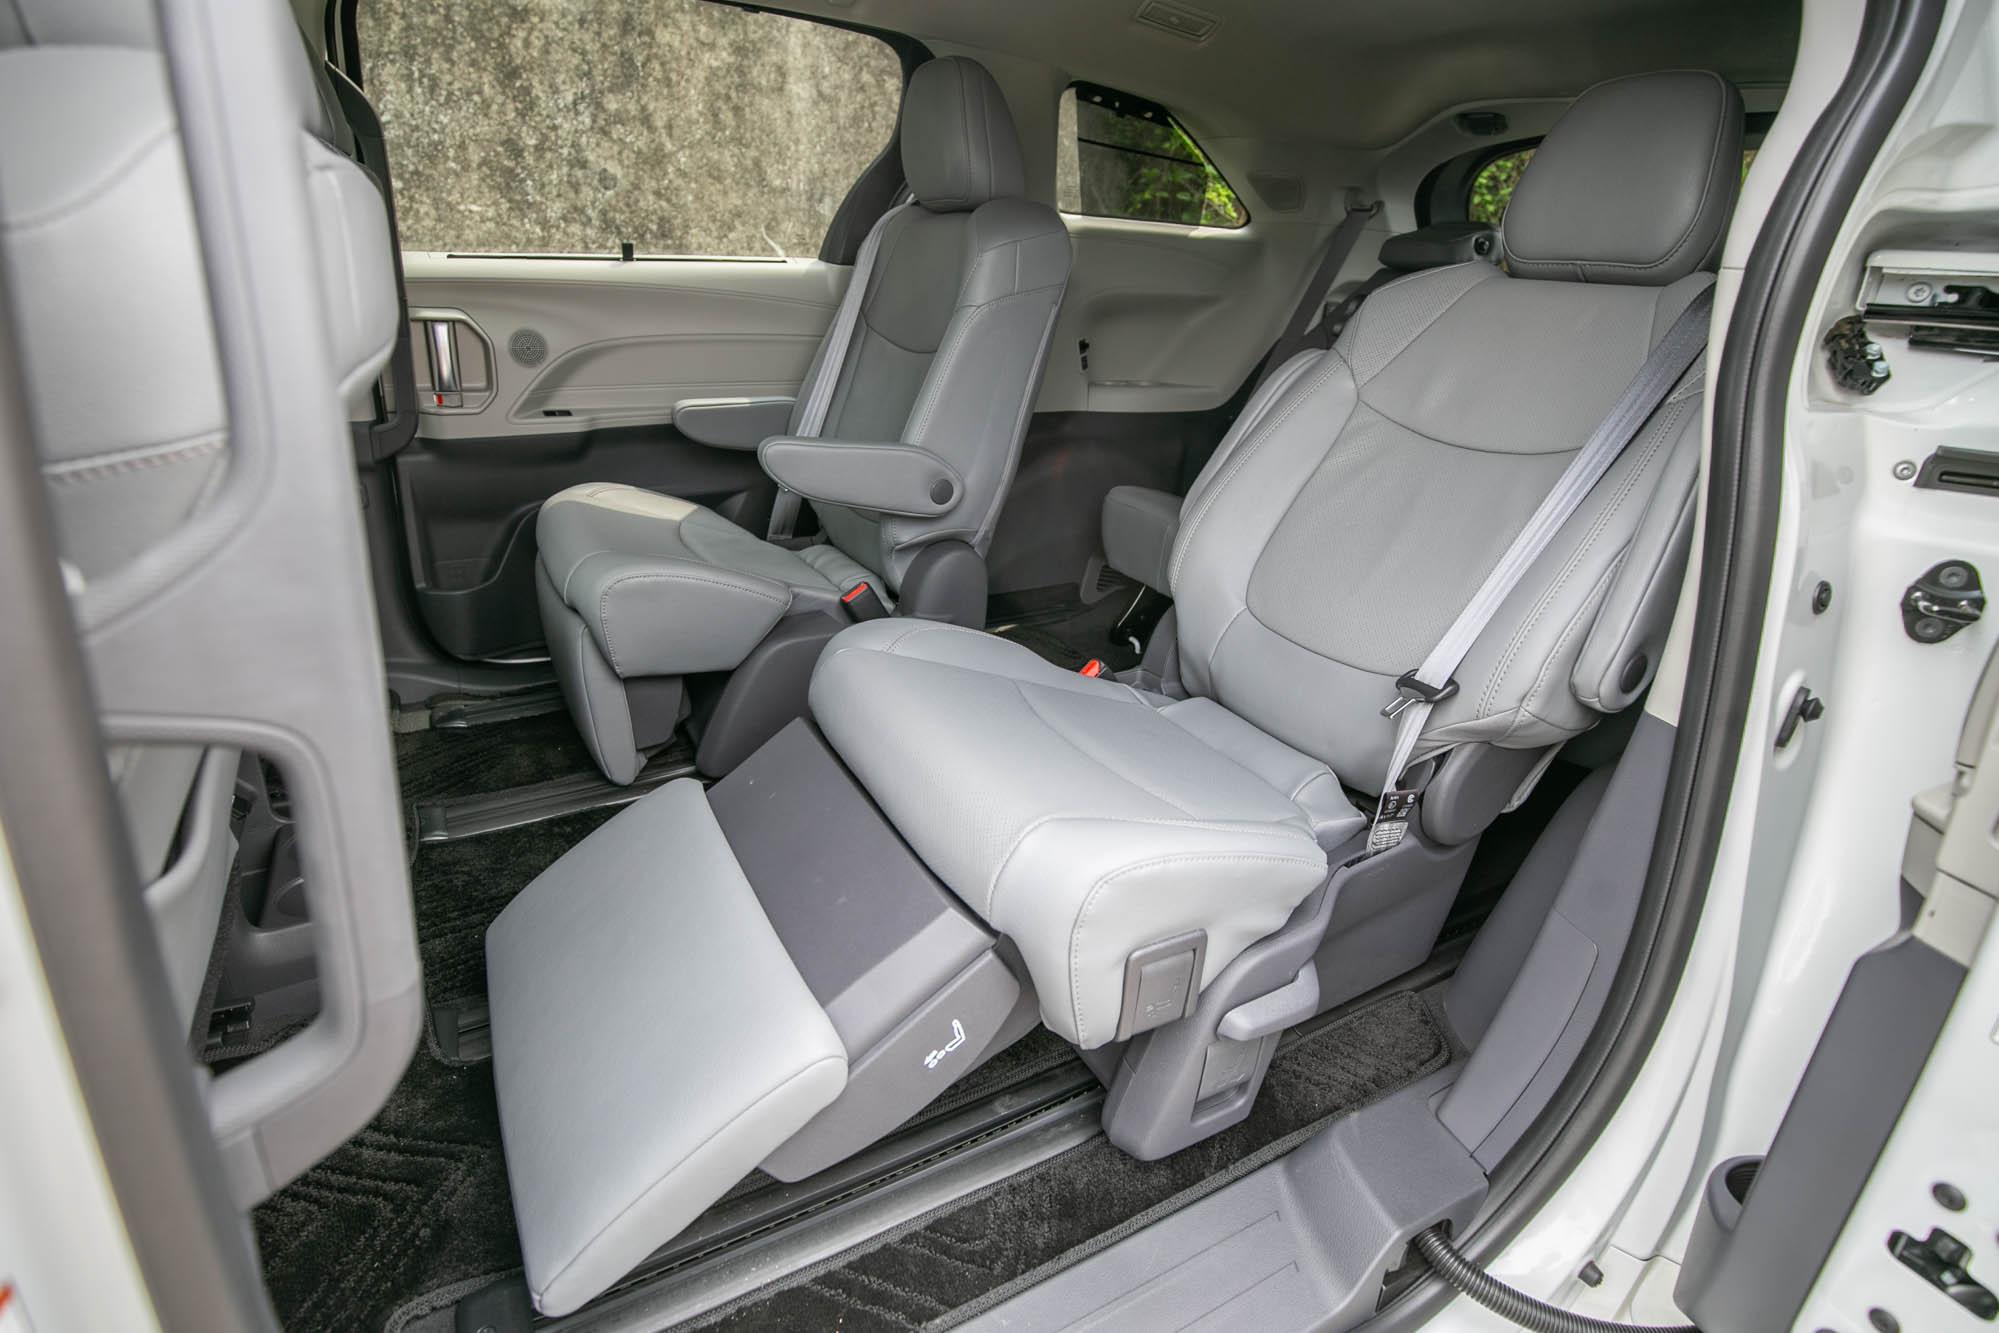 鉑金版另配備有專屬腿靠,搭配多項調整機制,堪比客機商務艙座椅舒適度。